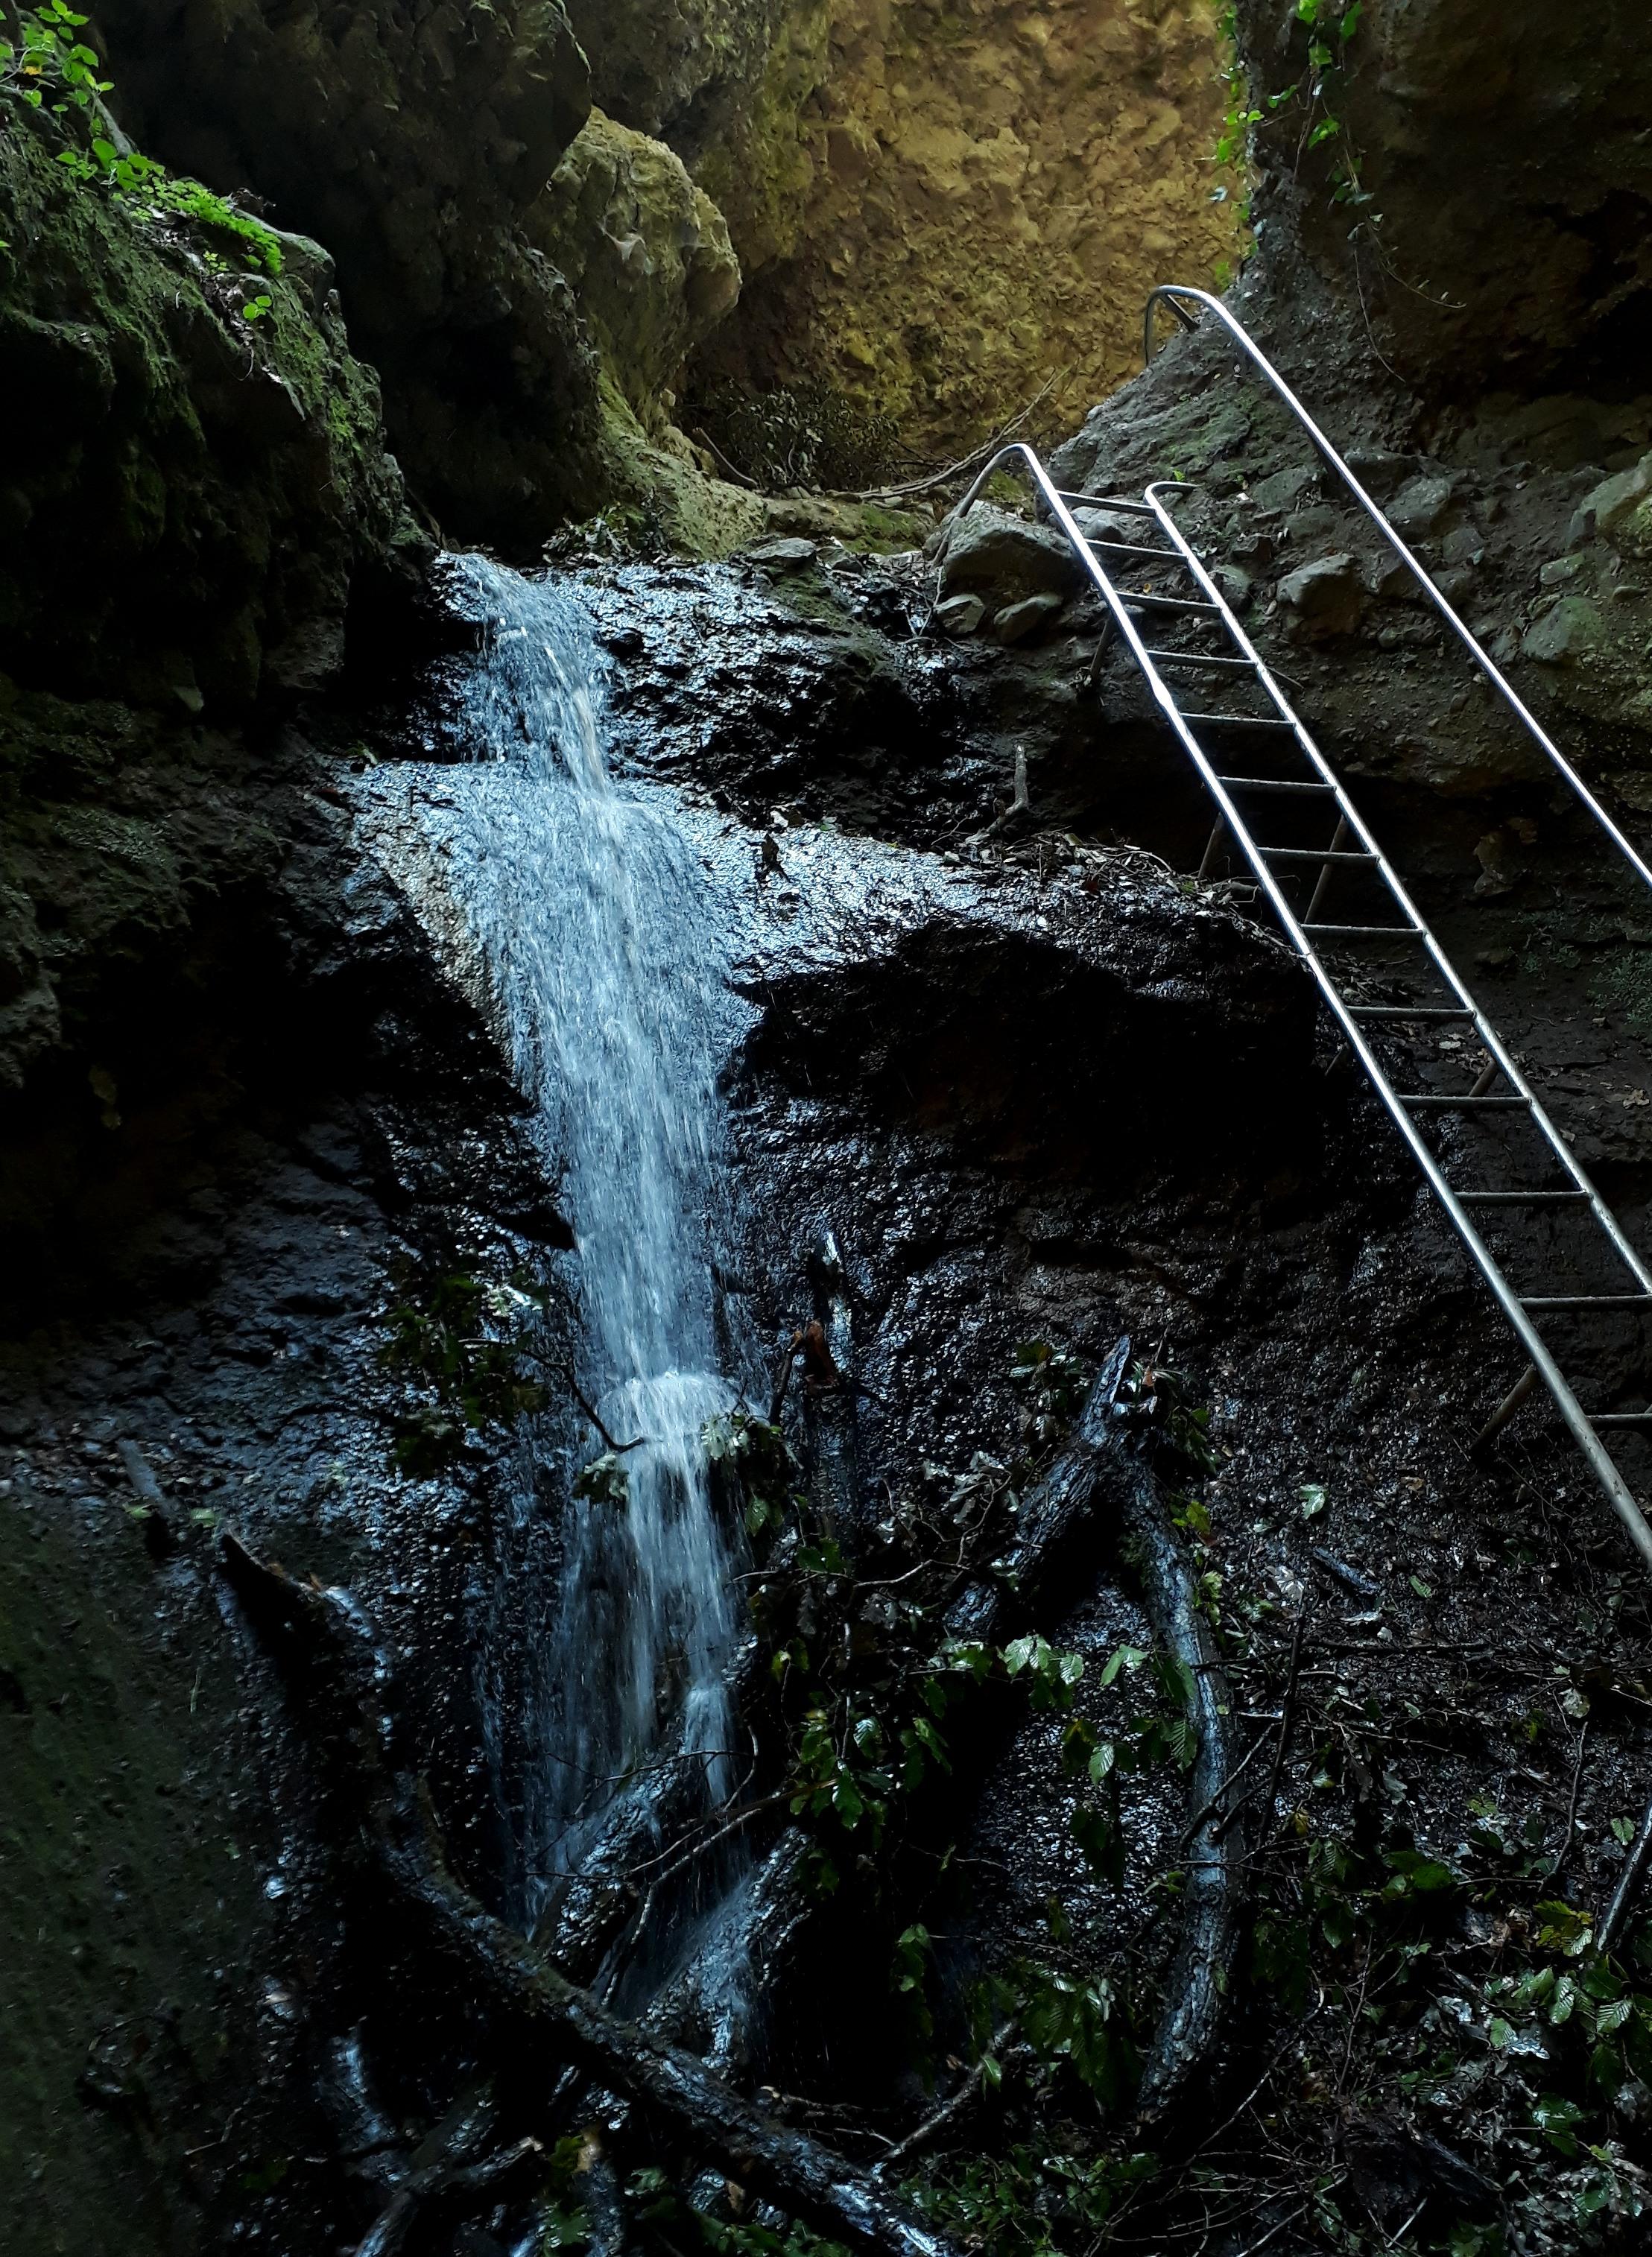 Nem könnyű terep, de a mászást különböző korlátok és létrák segítik. Így nem unalmas, és kifejezeten élvezetes lesz a kirándulás.